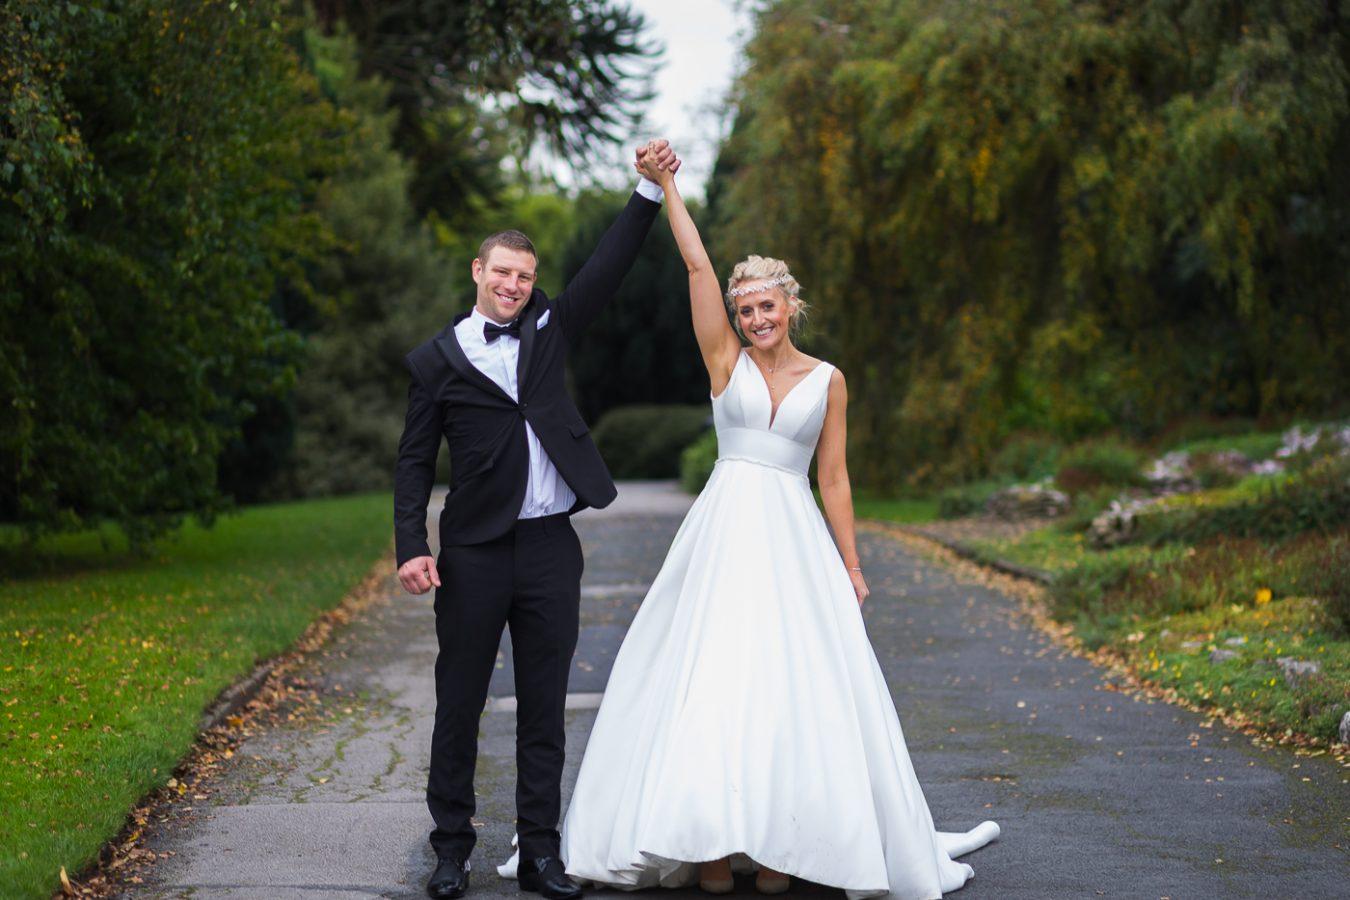 sun pavilion harrogate wedding photographer